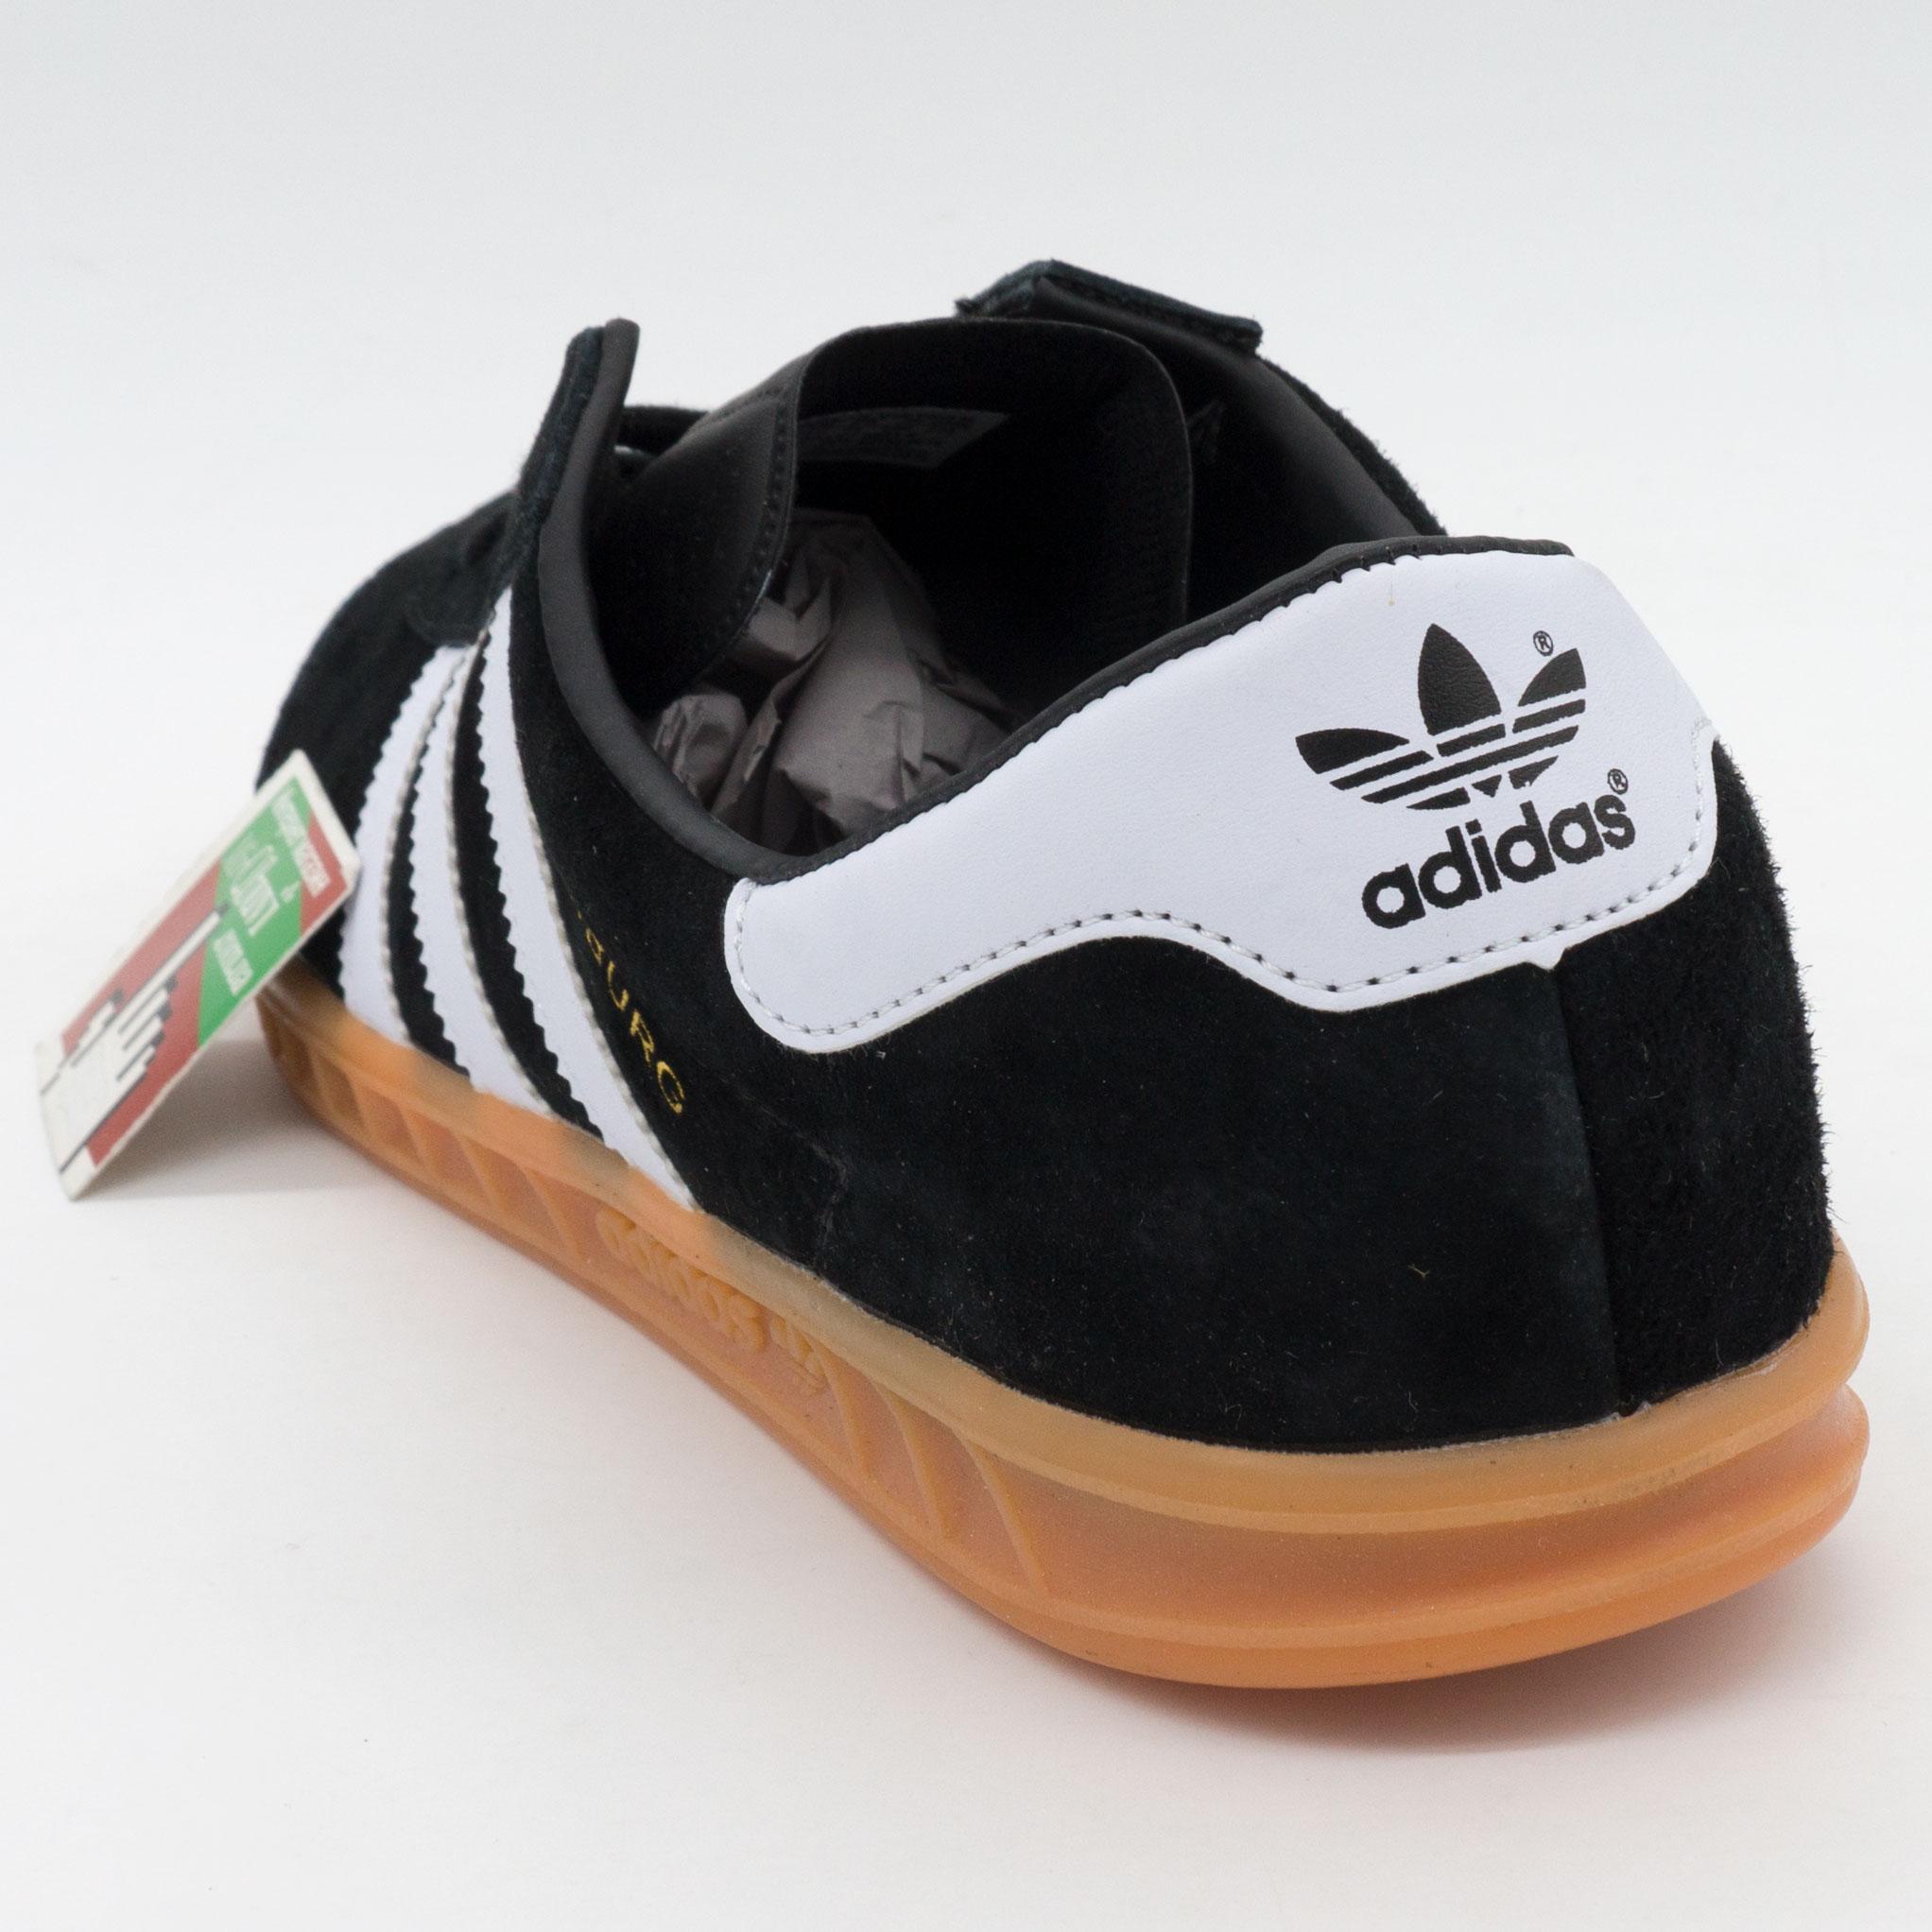 фото bottom Кроссовки Adidas Hamburg черные - Натуральная замша - Топ качество! bottom